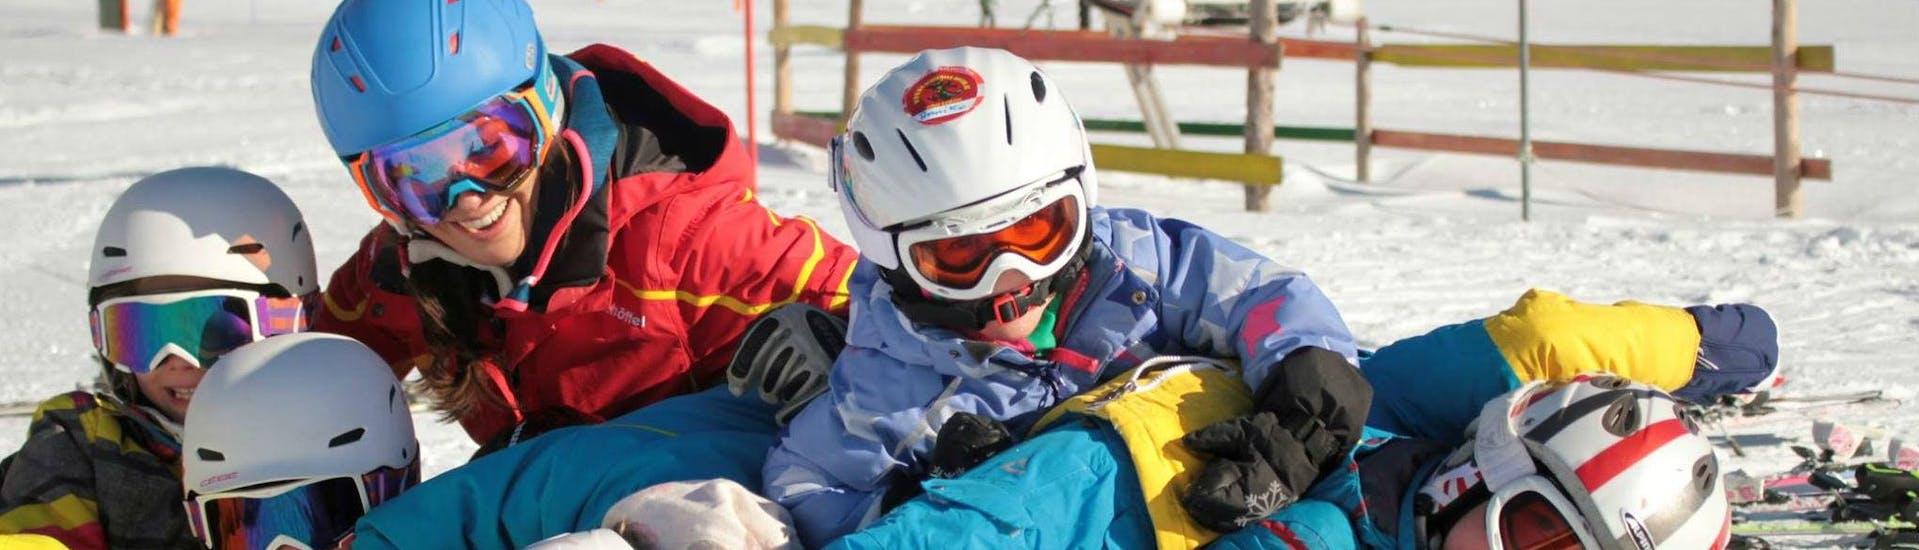 Cours de ski Enfants dès 3 ans - Expérimentés avec WM Schischule Royer Ramsau - Hero image